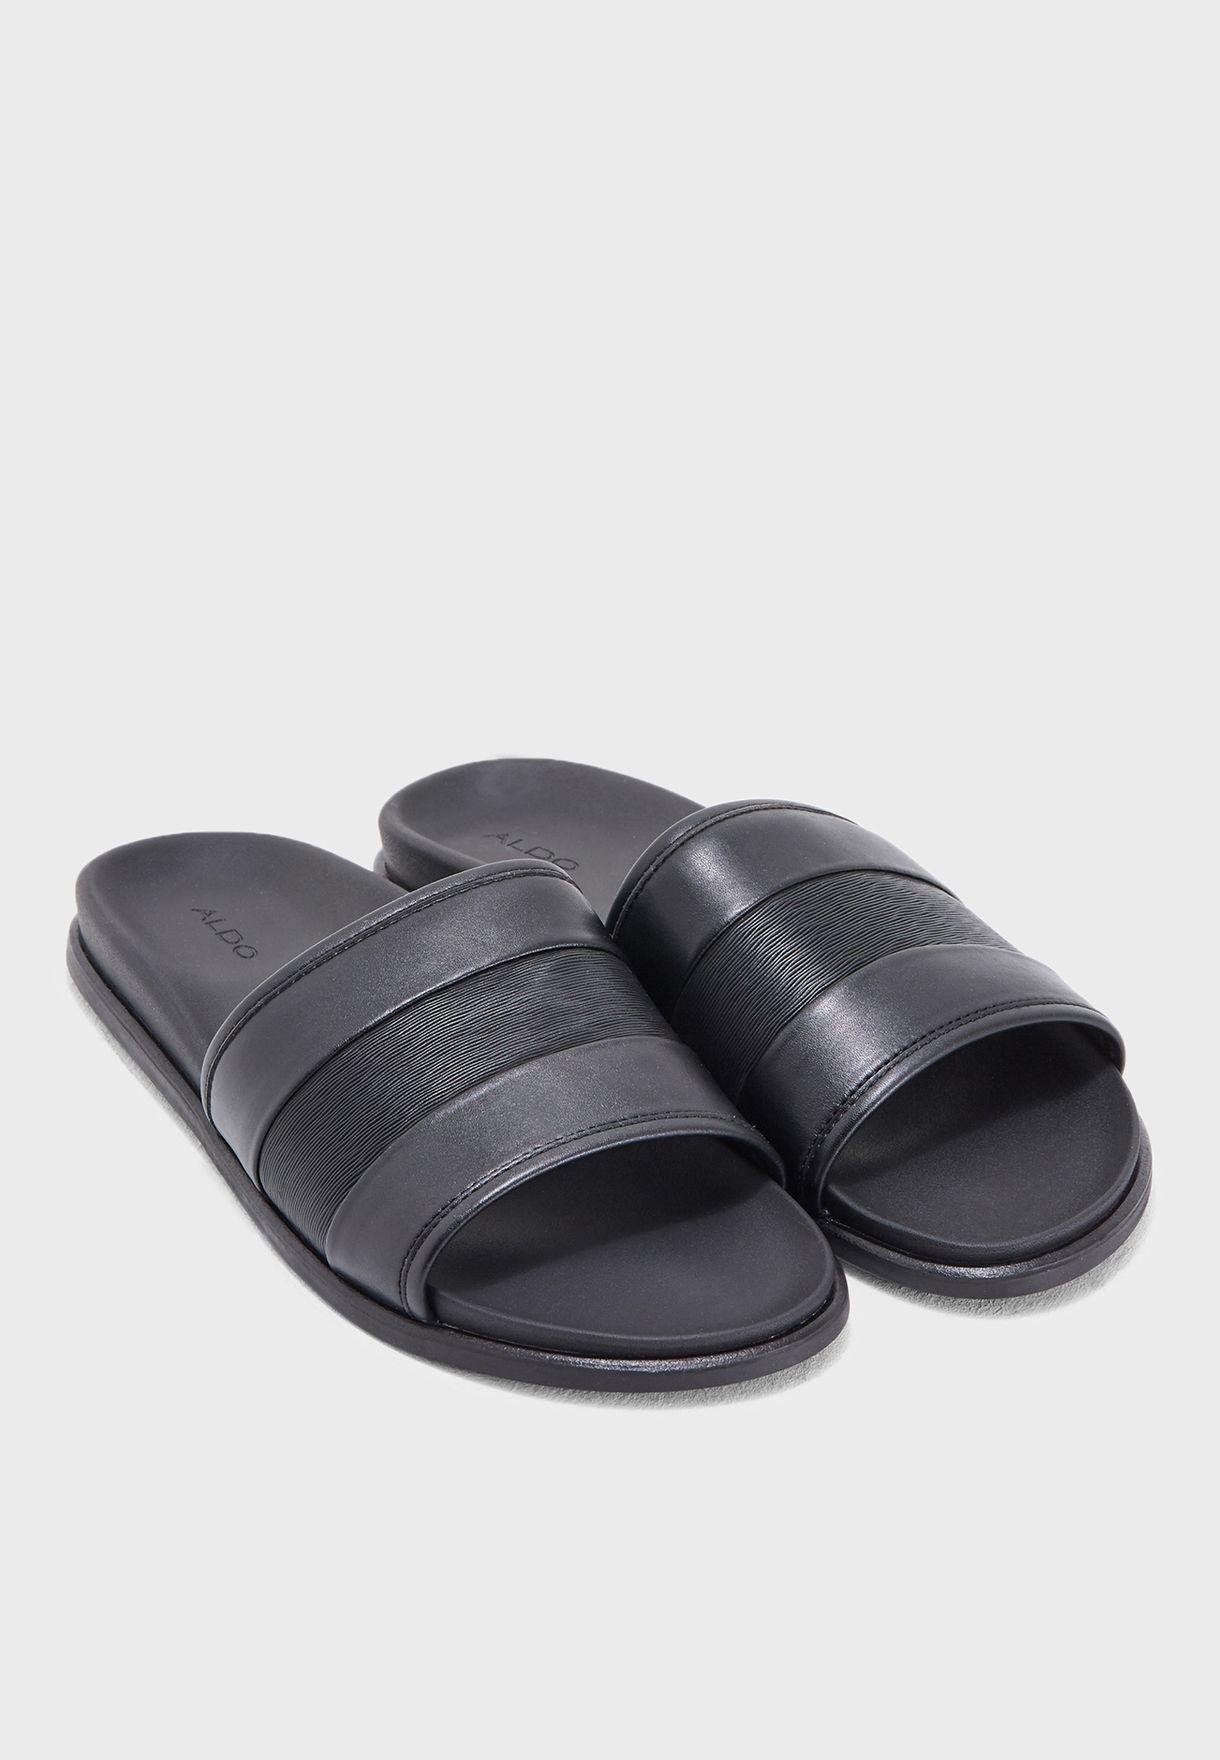 49be6ddb4cf8 Shop Aldo black Flickinger Slides FLICKINGER97 for Men in UAE ...